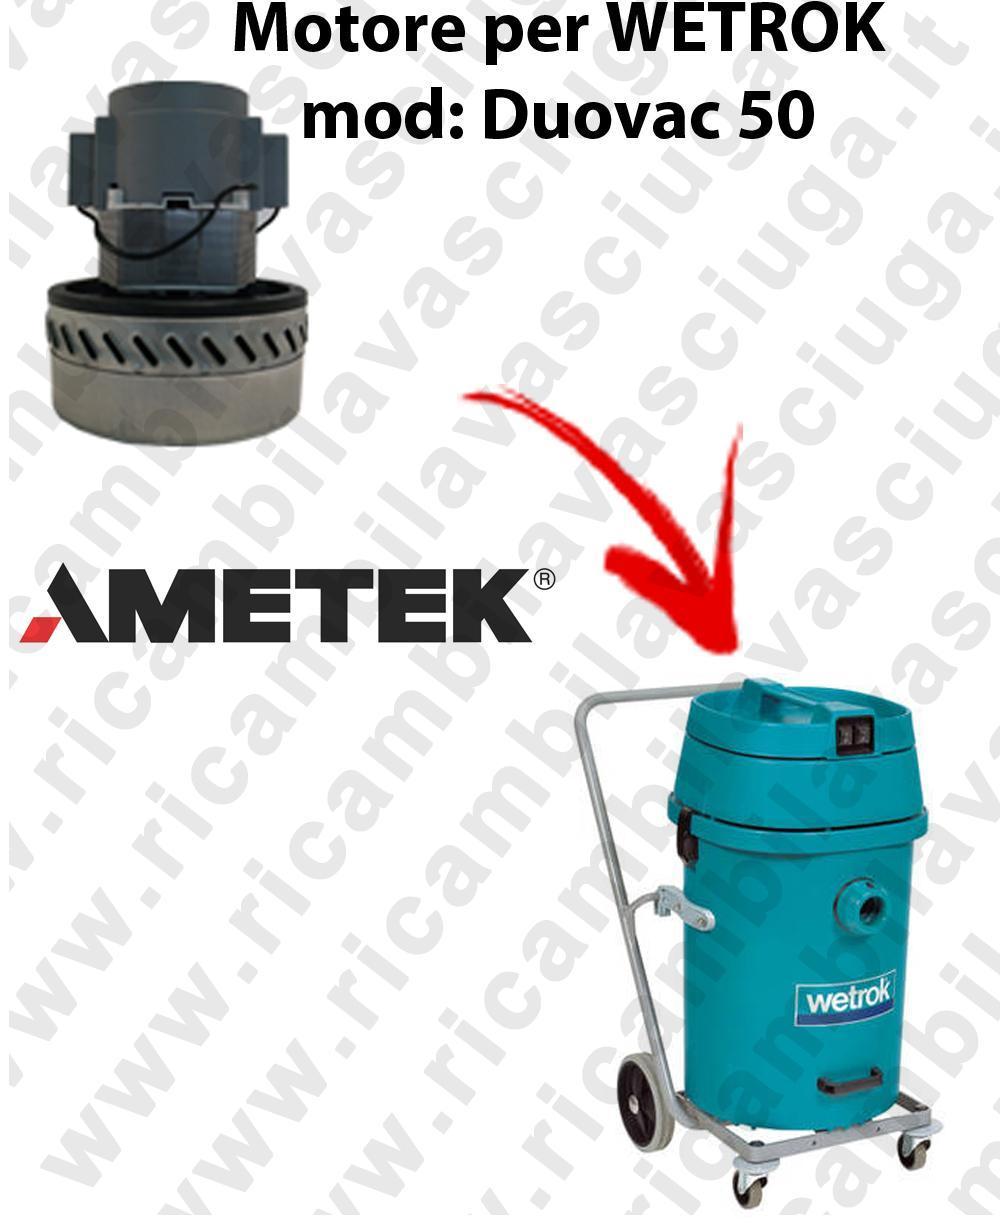 DUOVAC 50 Saugmotor AMETEK für Staubsauger WETROK